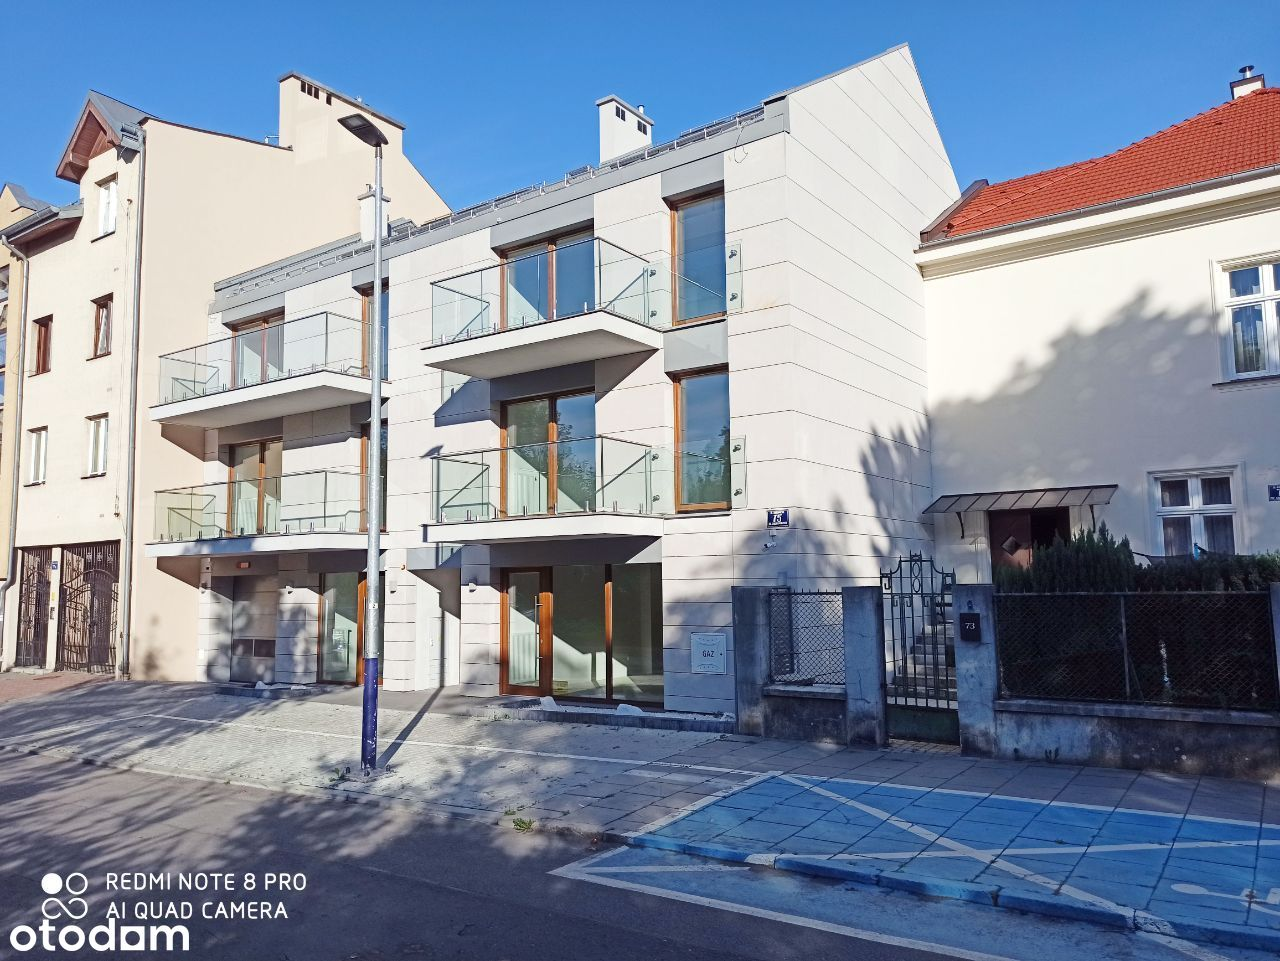 Luksusowa kamienica (6 apartamentów + 2 lokale)